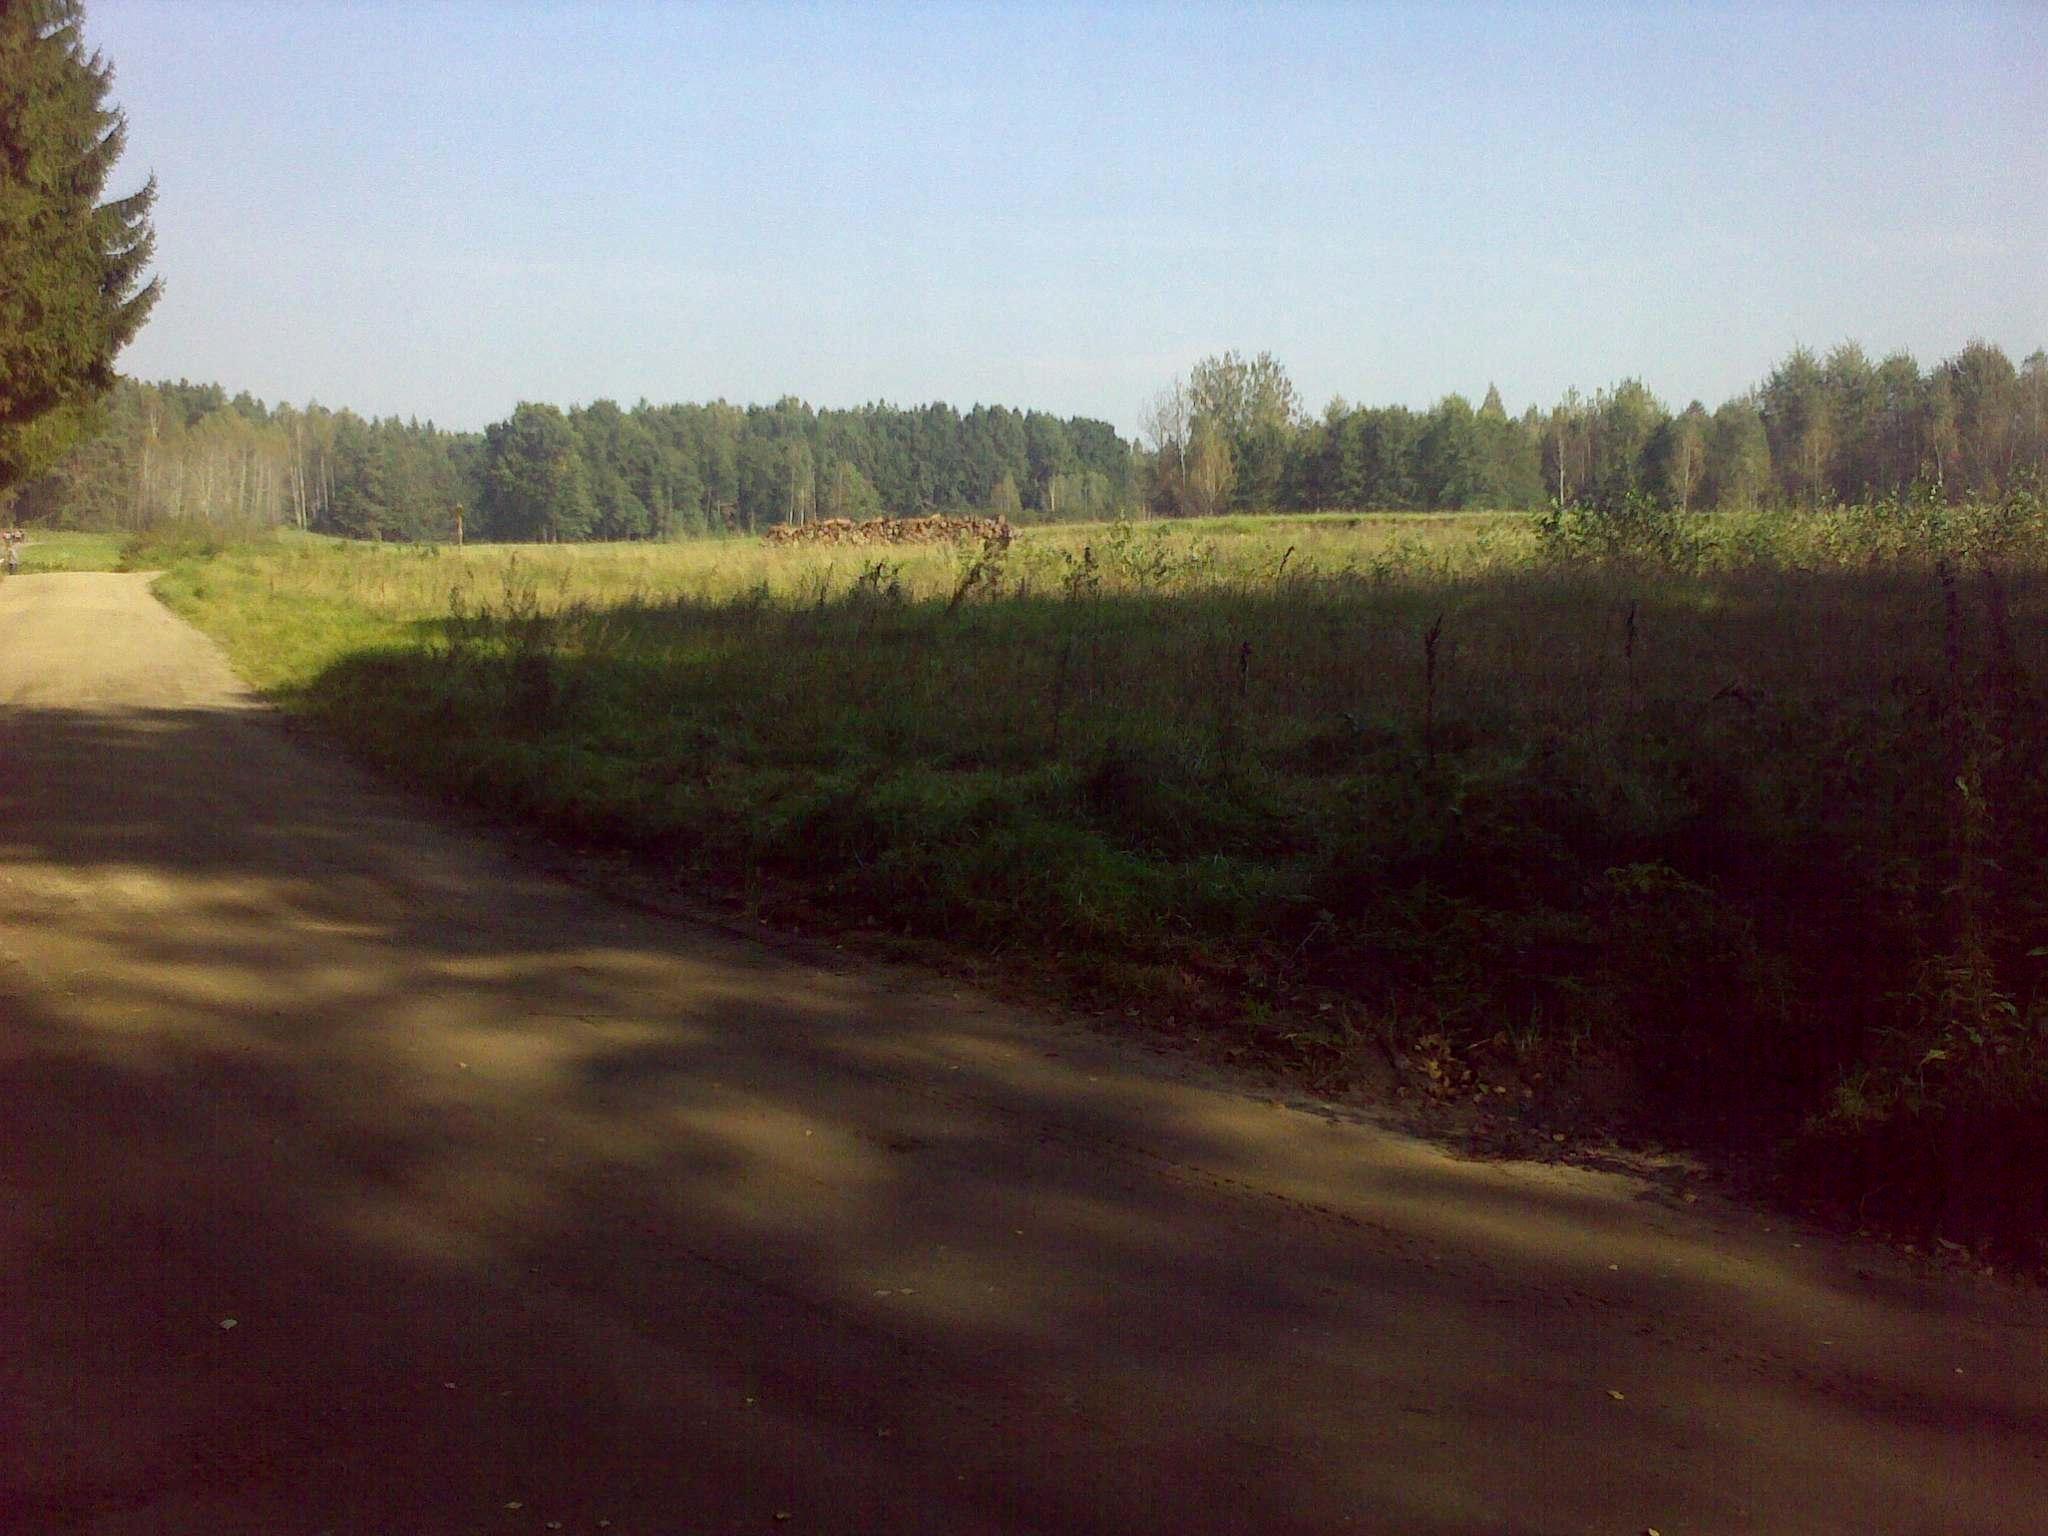 Działka rolna + las z warunkami zabudowy